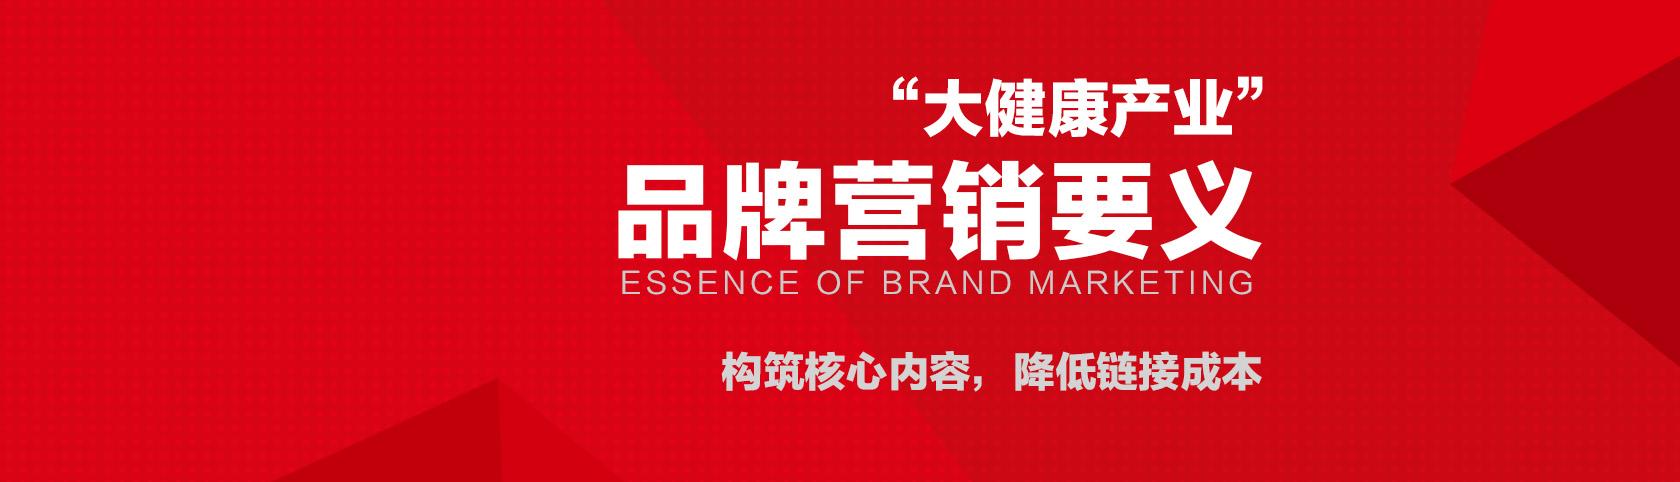 大健康产业品牌营销要义,构筑核心内容,降低链接成本